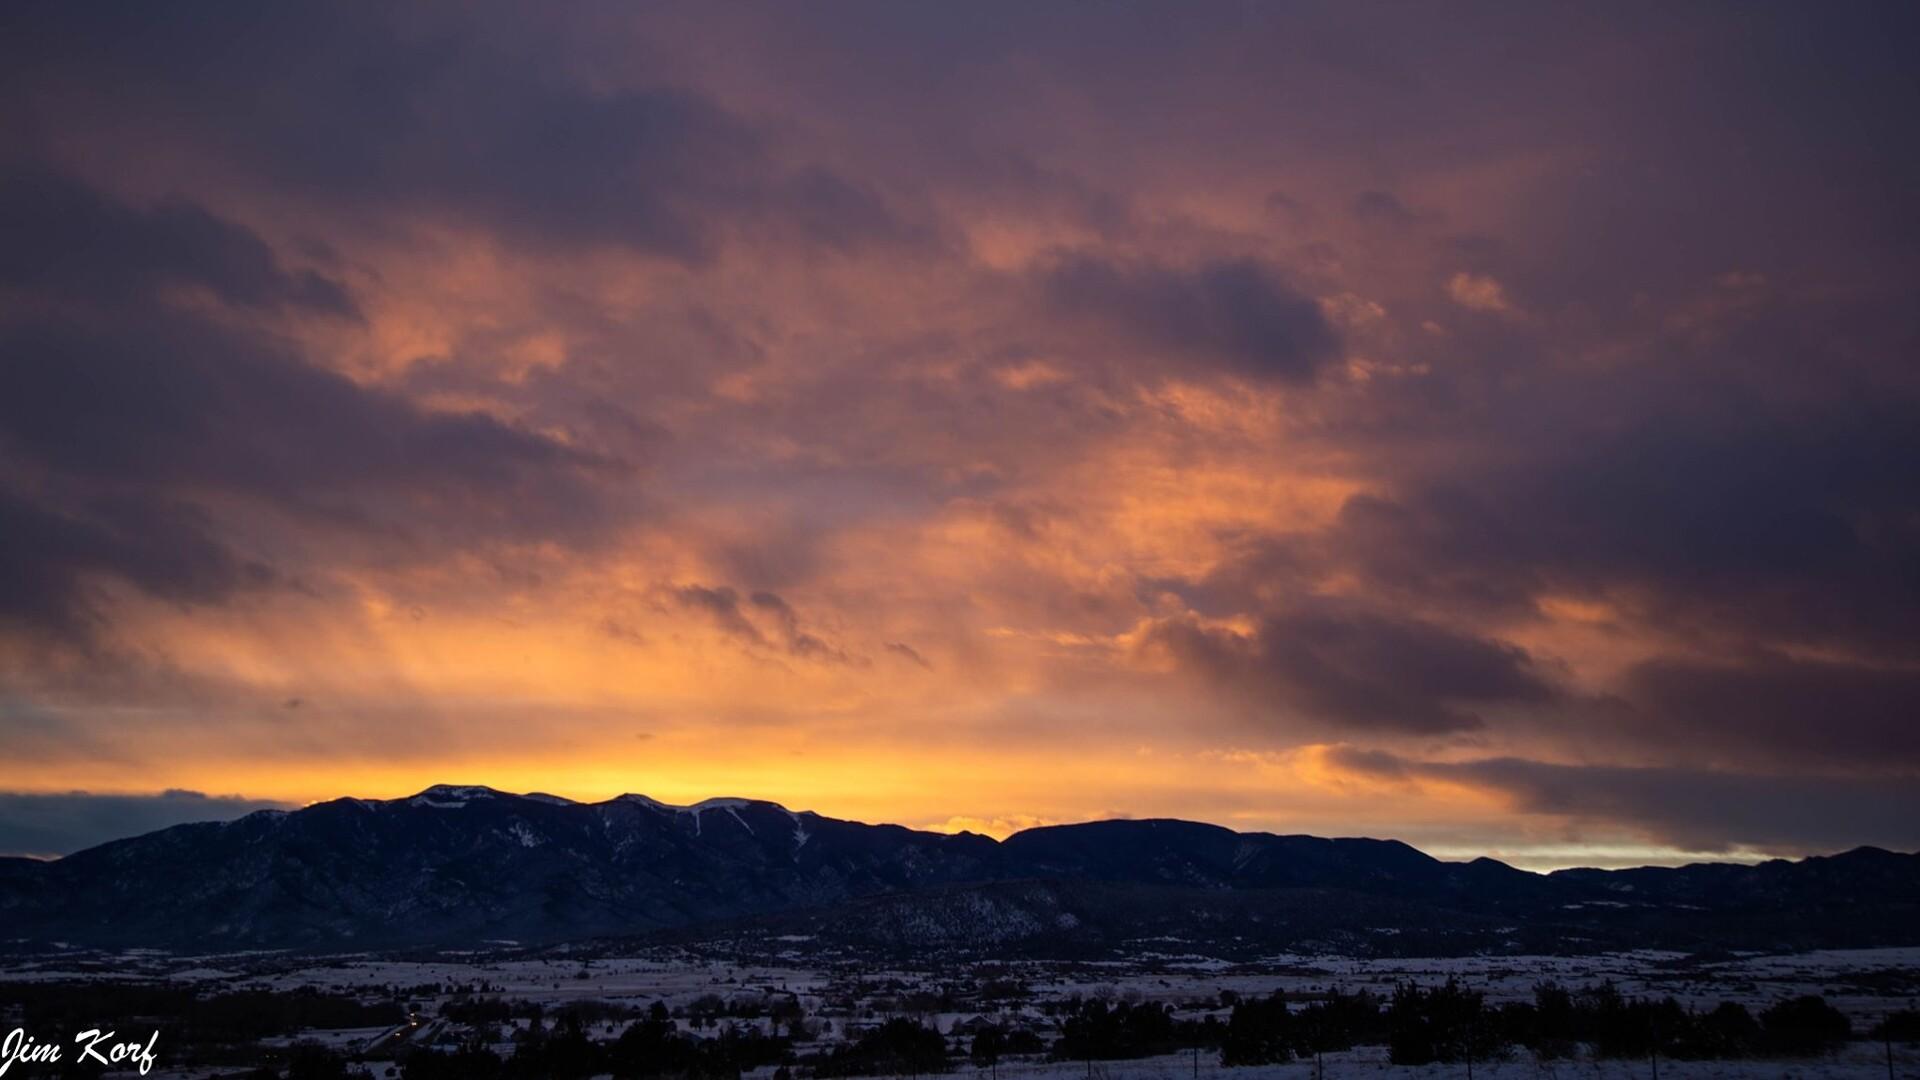 Colorado City Sunset Jim Korf 2.jpg